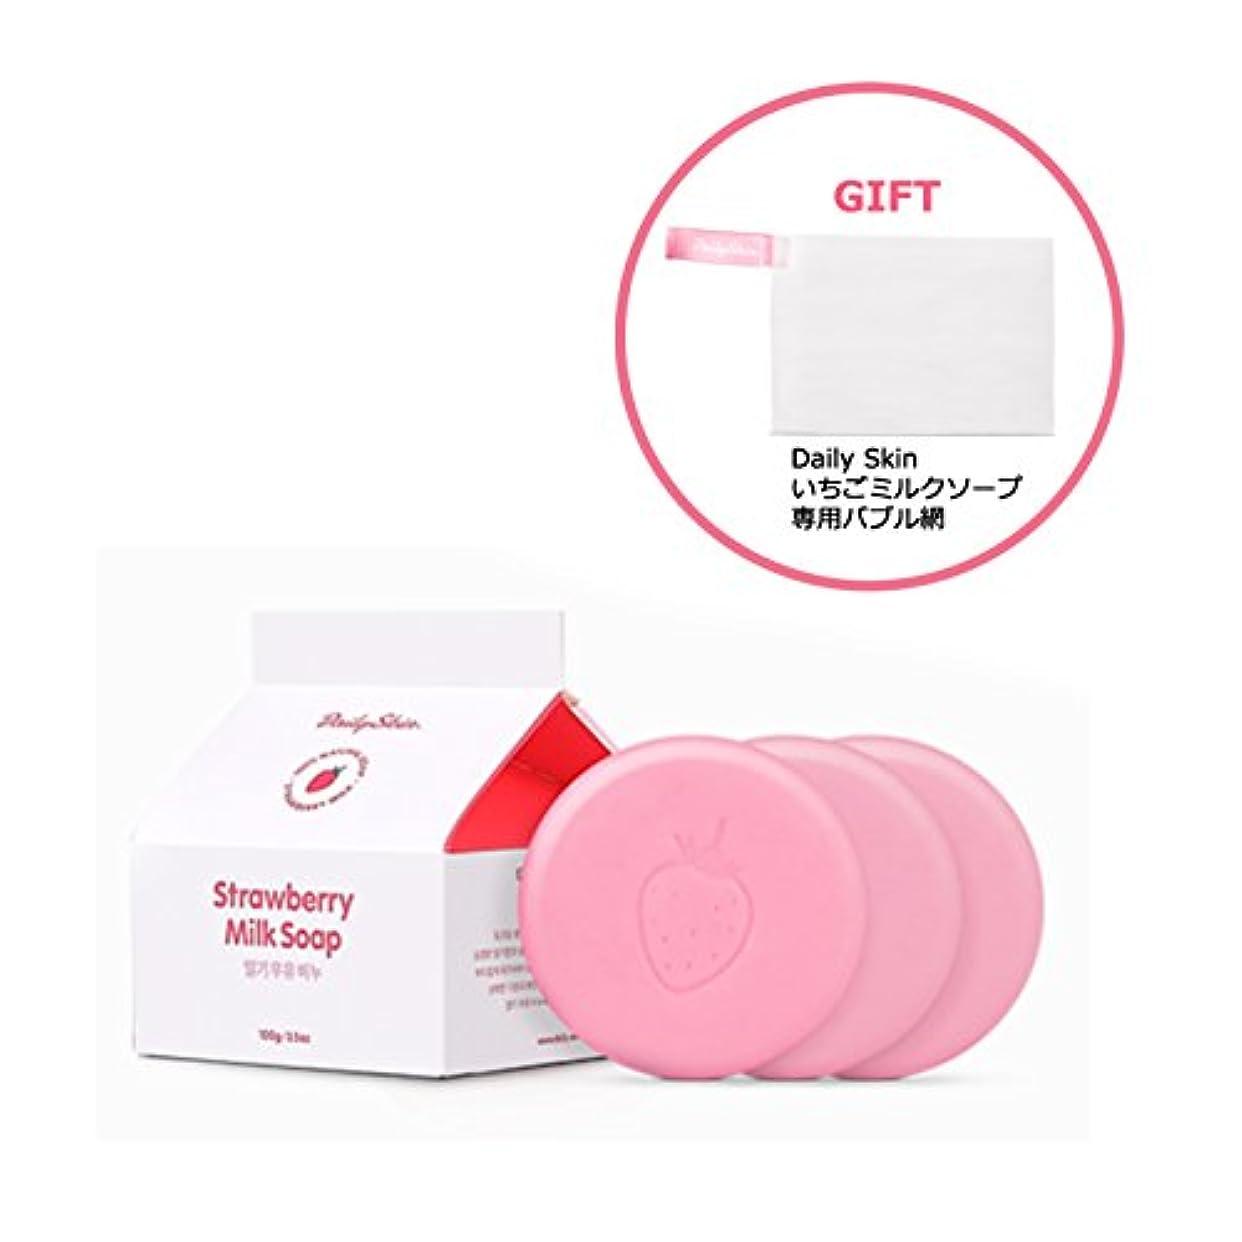 愛情合金救い[3個+専用バブルネット][Daily Skin] デイリースキンリアルイチゴミルクソープ 石鹸 Real Natural Strawberry Milk Soap [並行輸入品]